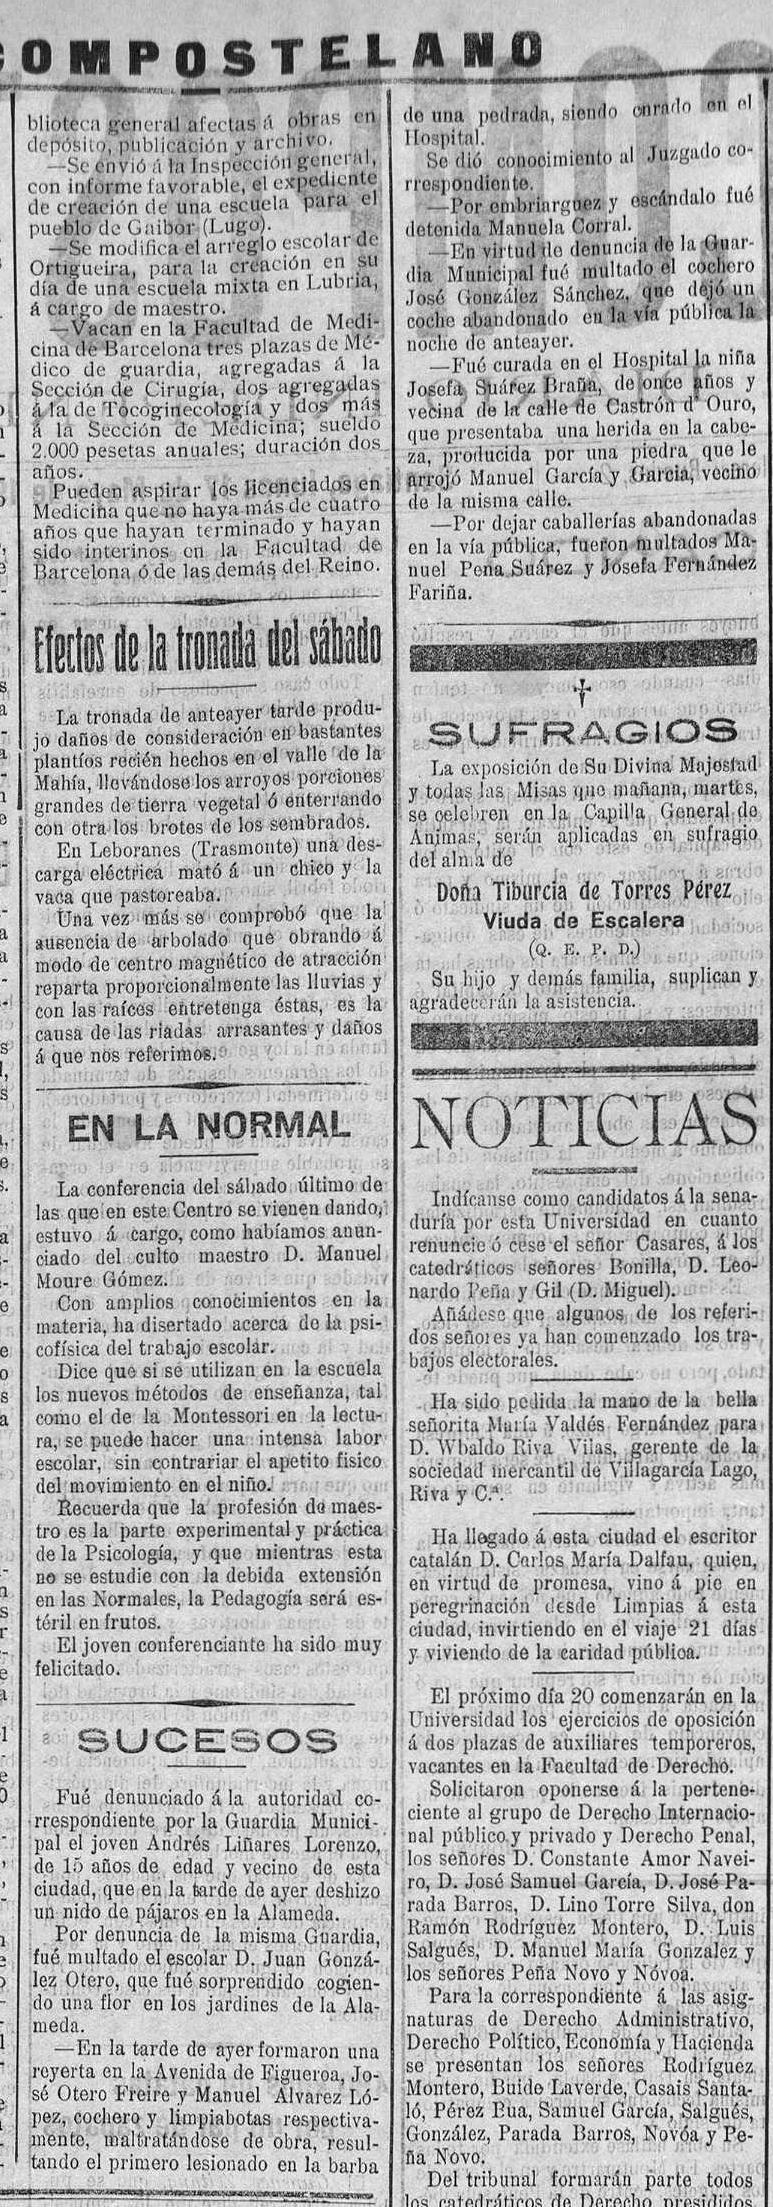 1929.05.17b El Compostelano. Diario independiente